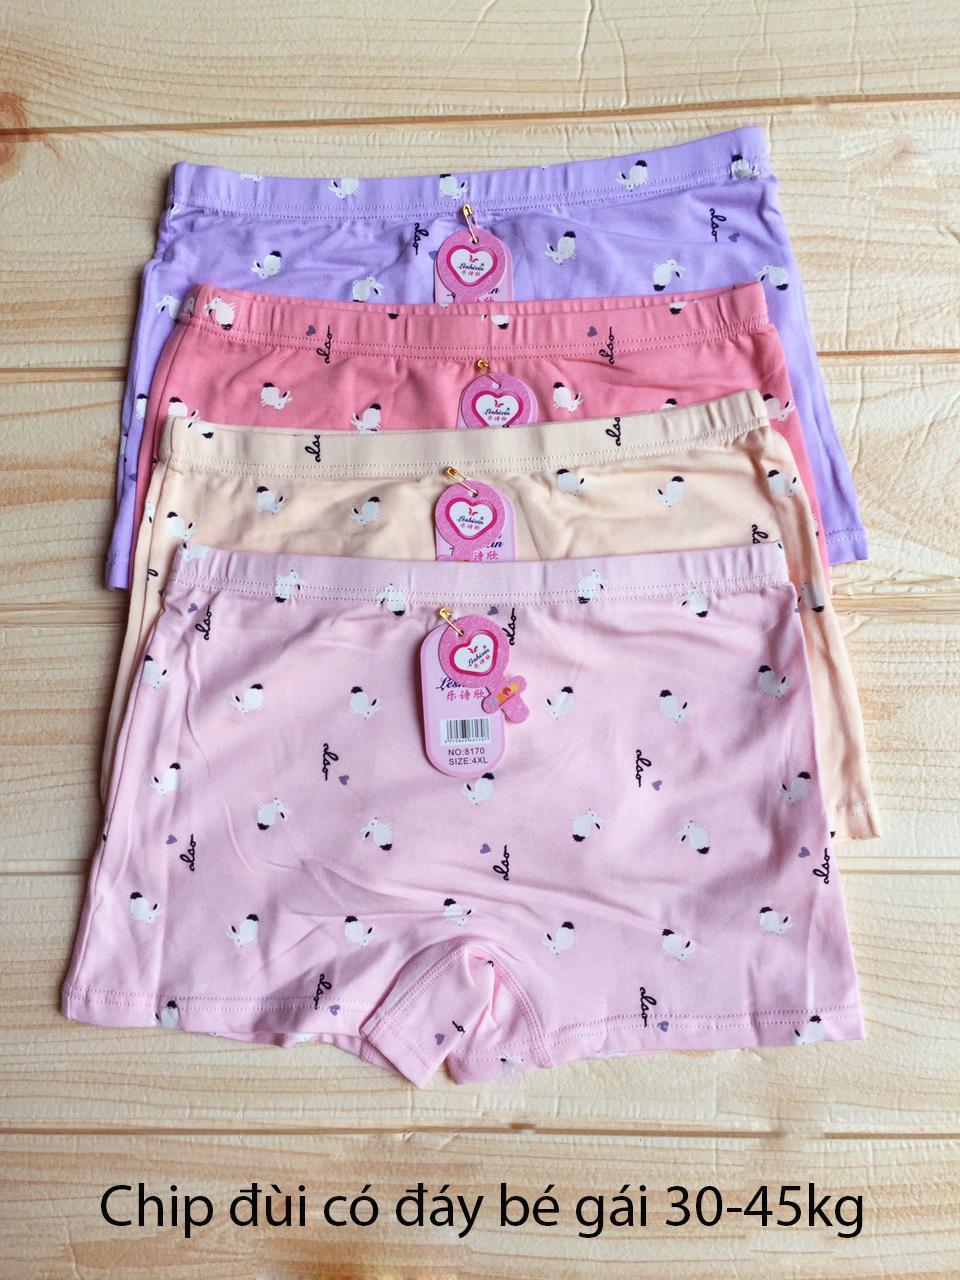 Giá bán Quần lót bé gái 30-45 kg - Combo 4 quần chip đùi có đáy